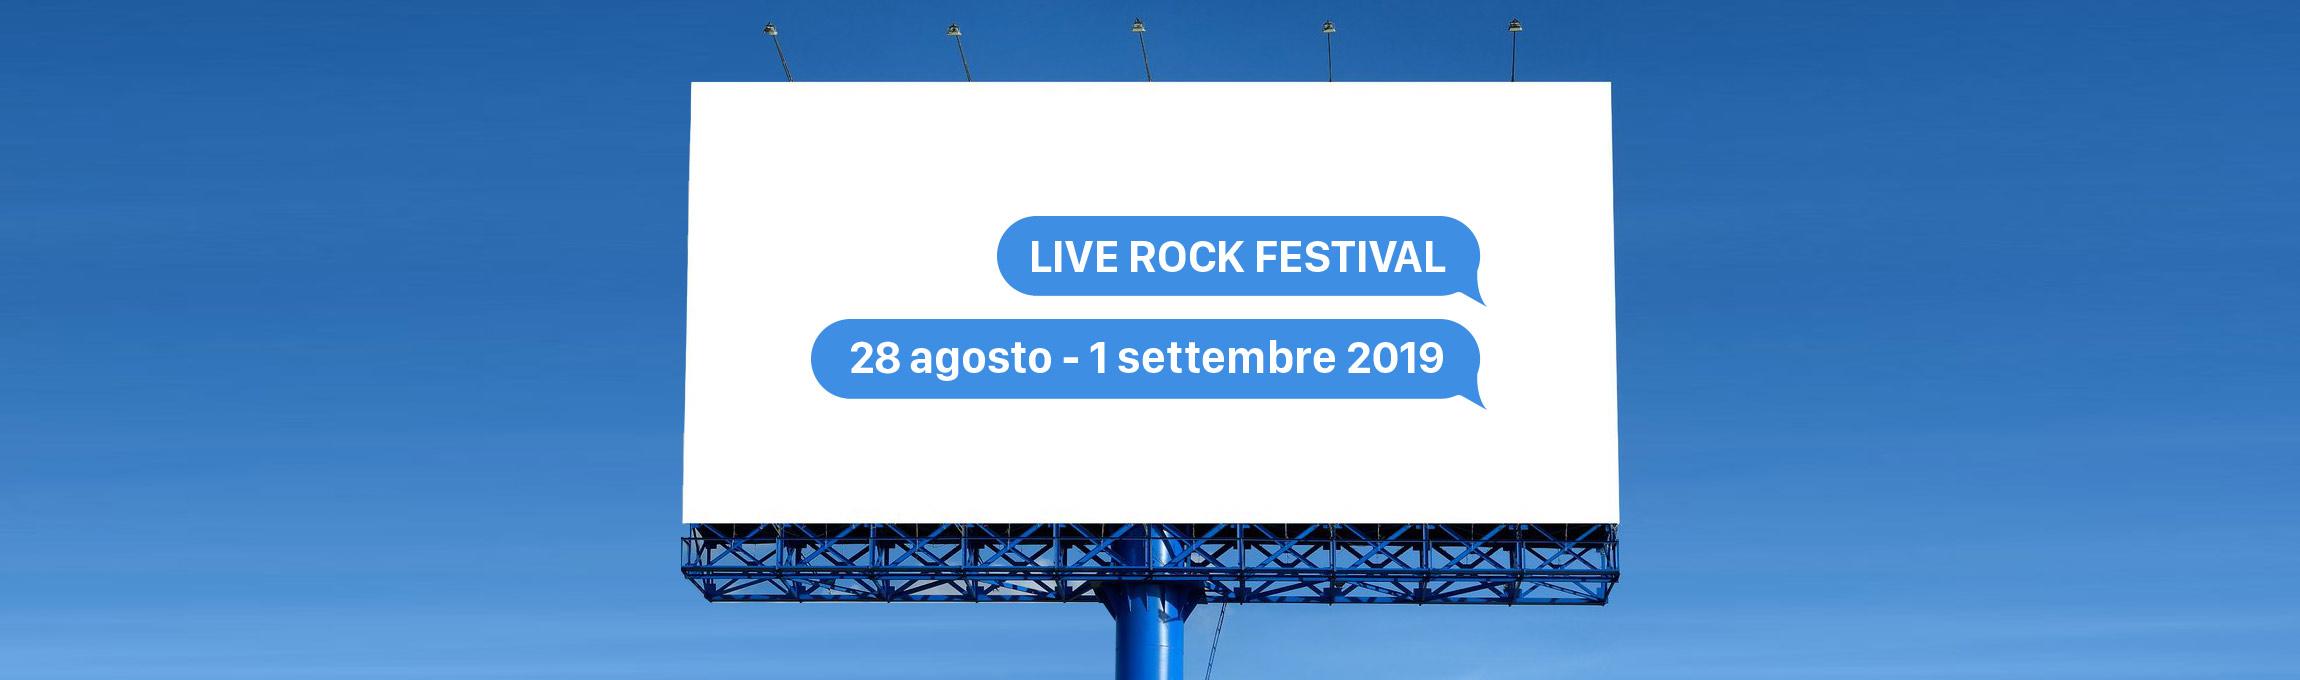 live-rock-festival-annuncio-2019